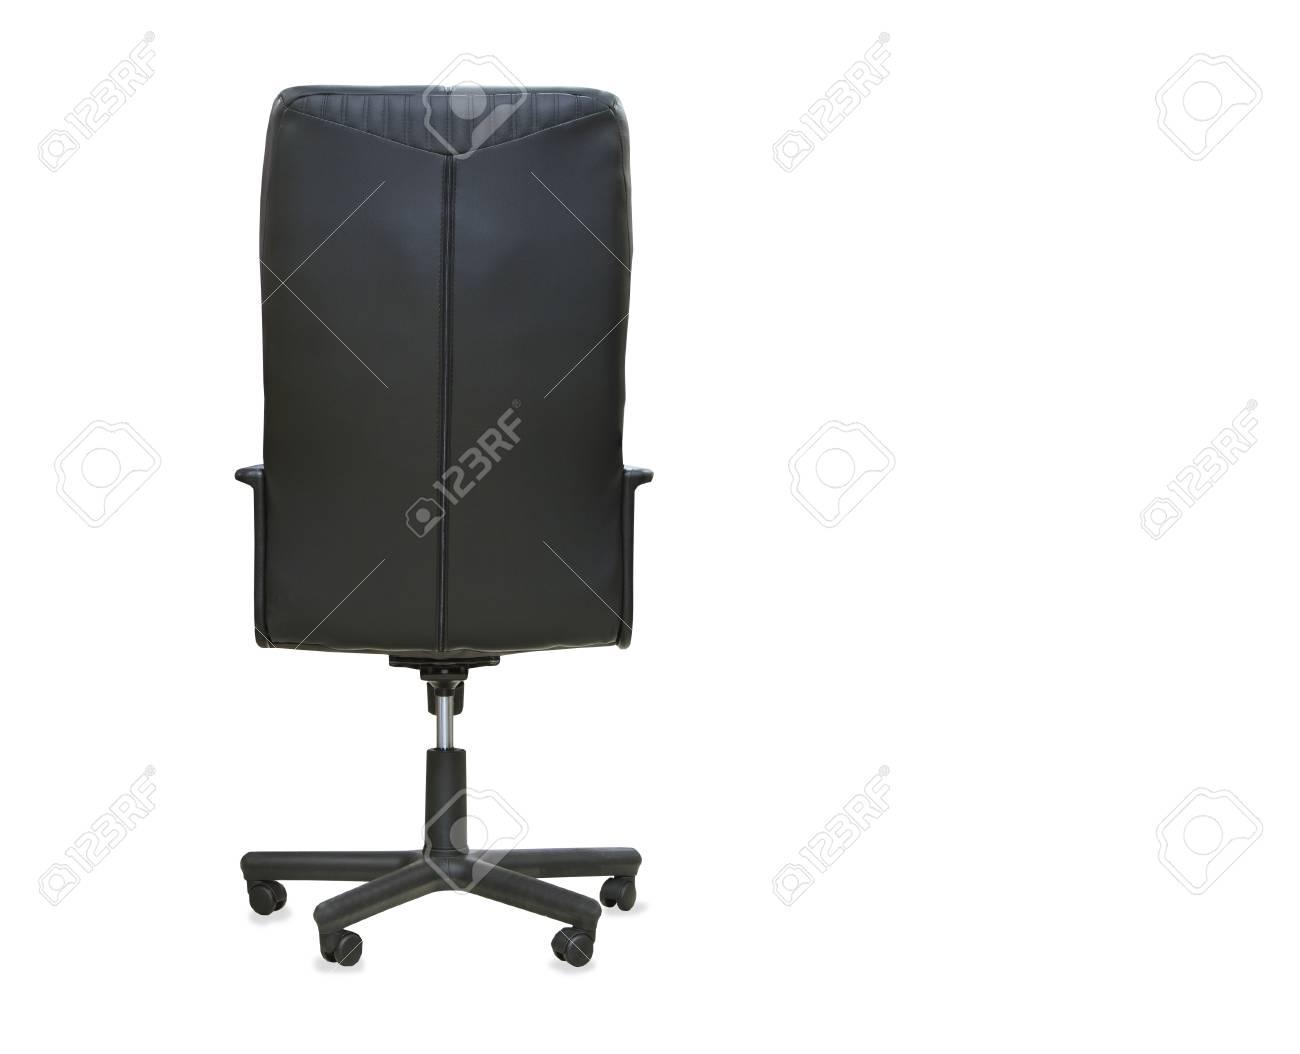 Vue arrière de la chaise de bureau moderne en cuir noir isolé